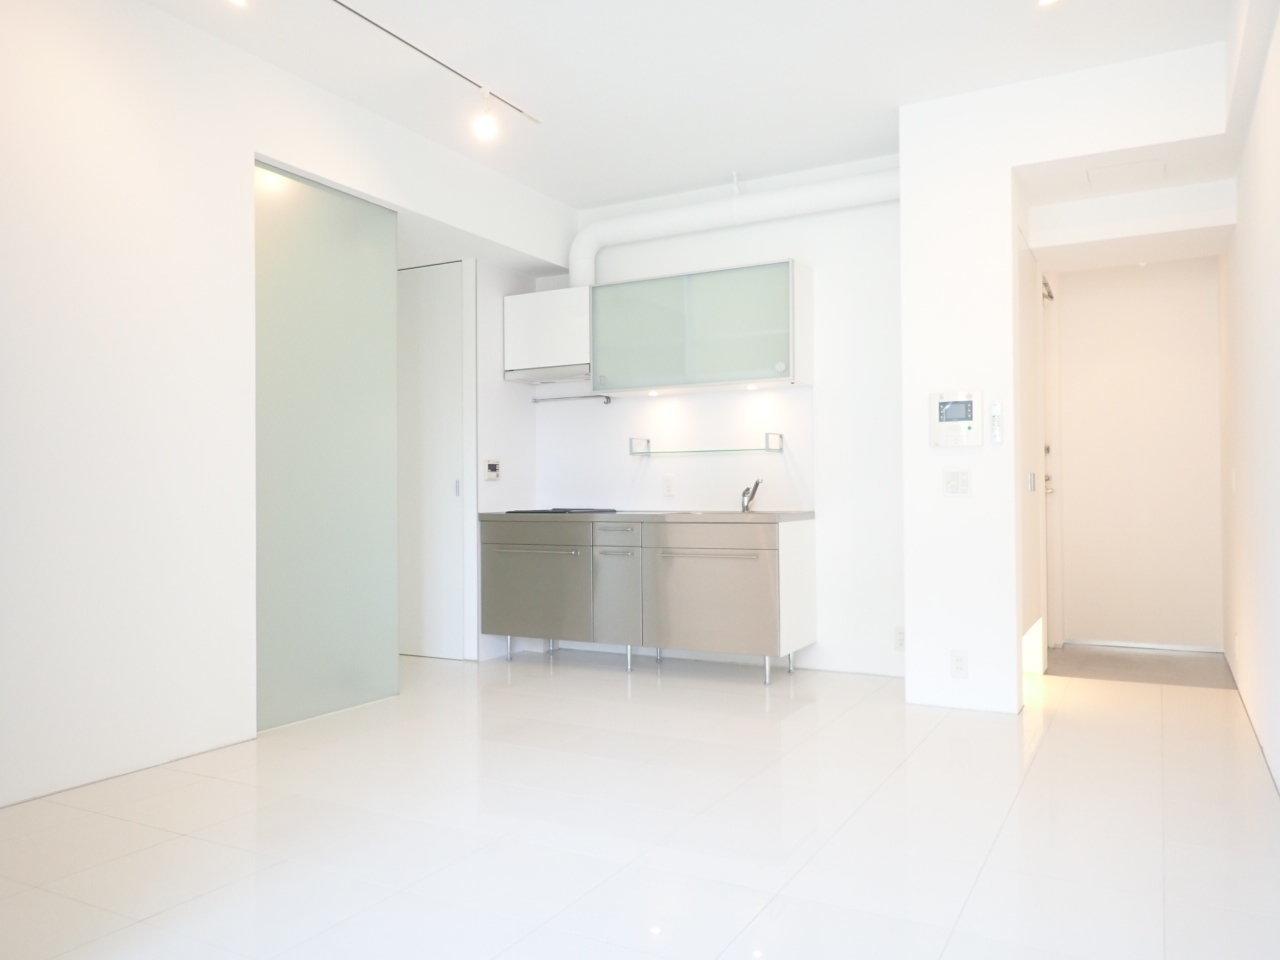 床、壁、天井が綺麗に白で統一された、爽やかな印象の1LDKのお部屋。LDKは13畳あるので、かなり広々と使うことができそうです。